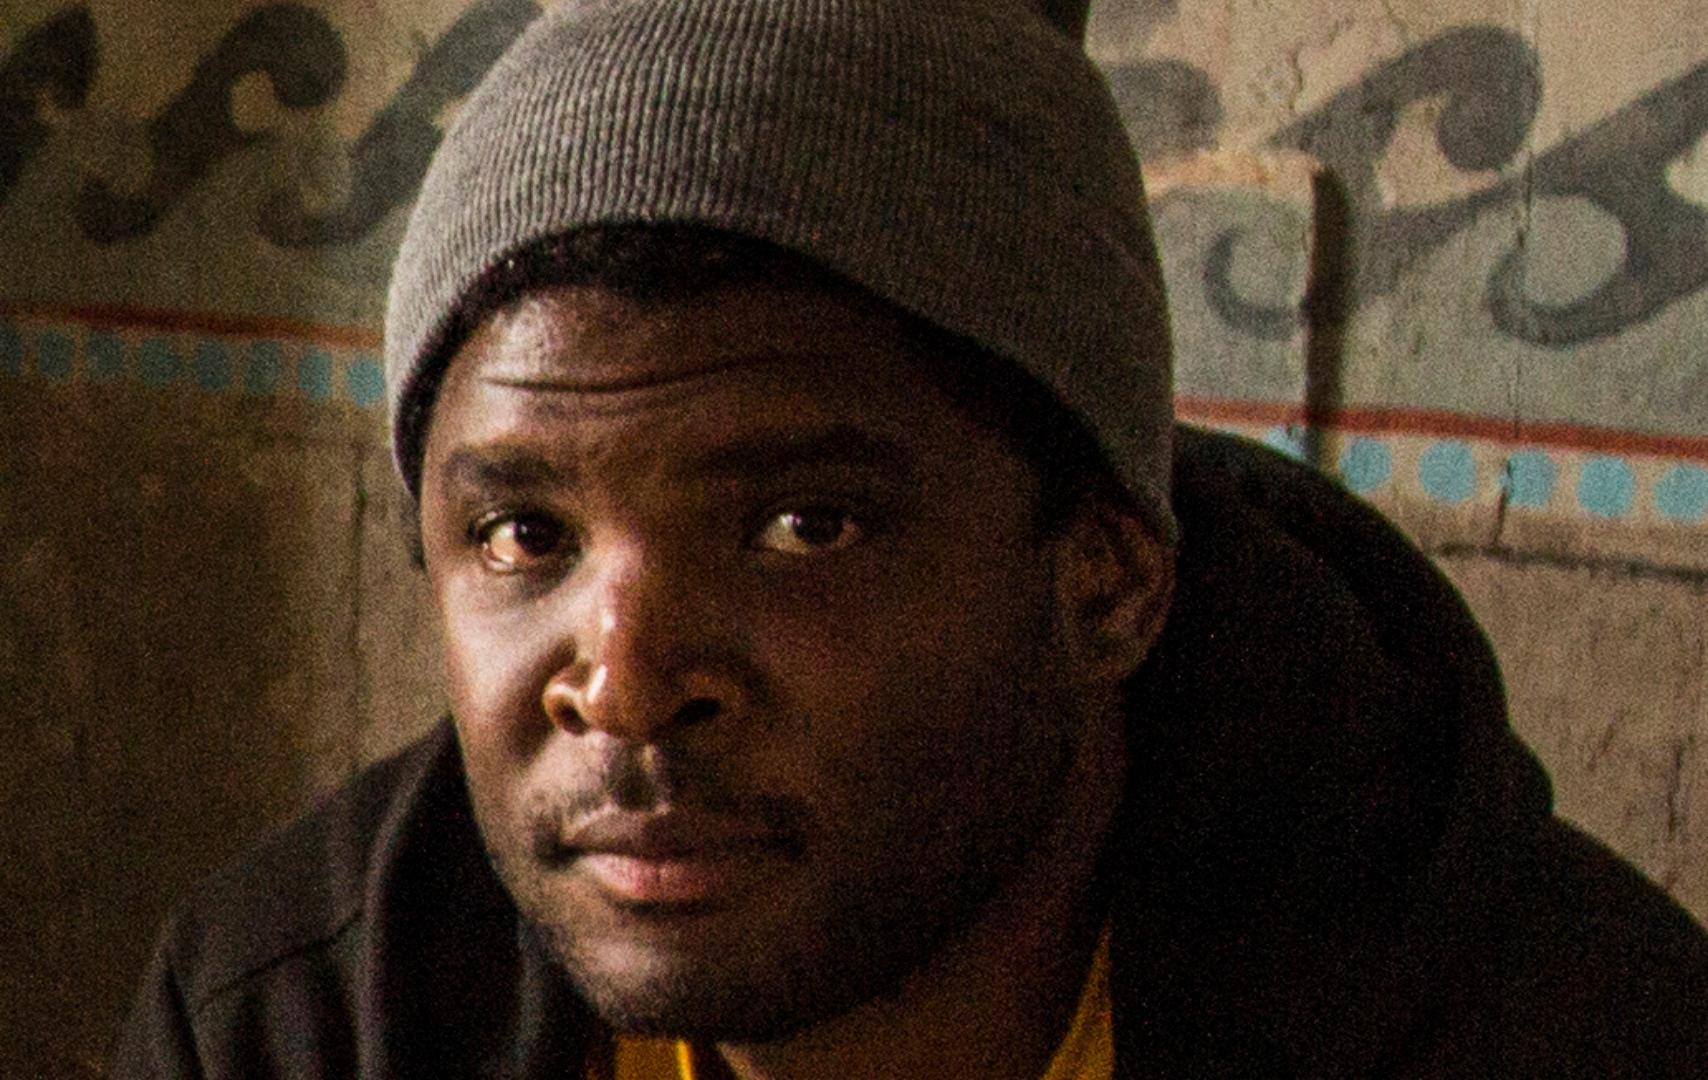 Portretfoto van Quinsy Gario. Hij is een zwarte man. Hij draagt een grijze muts, een geel shirt en een zwart vest.